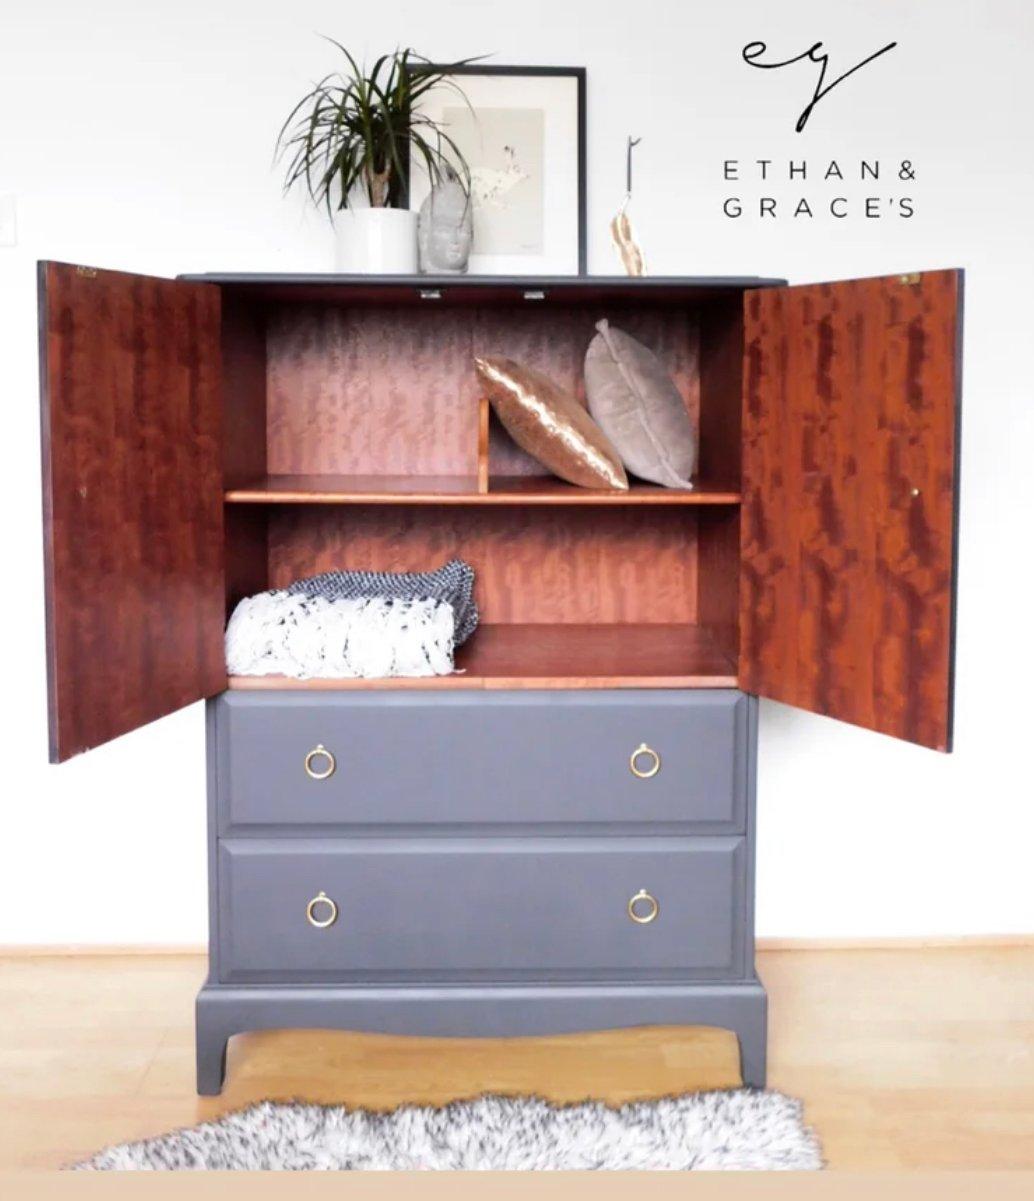 Image of Stag mahogany linen cupboard in dark grey